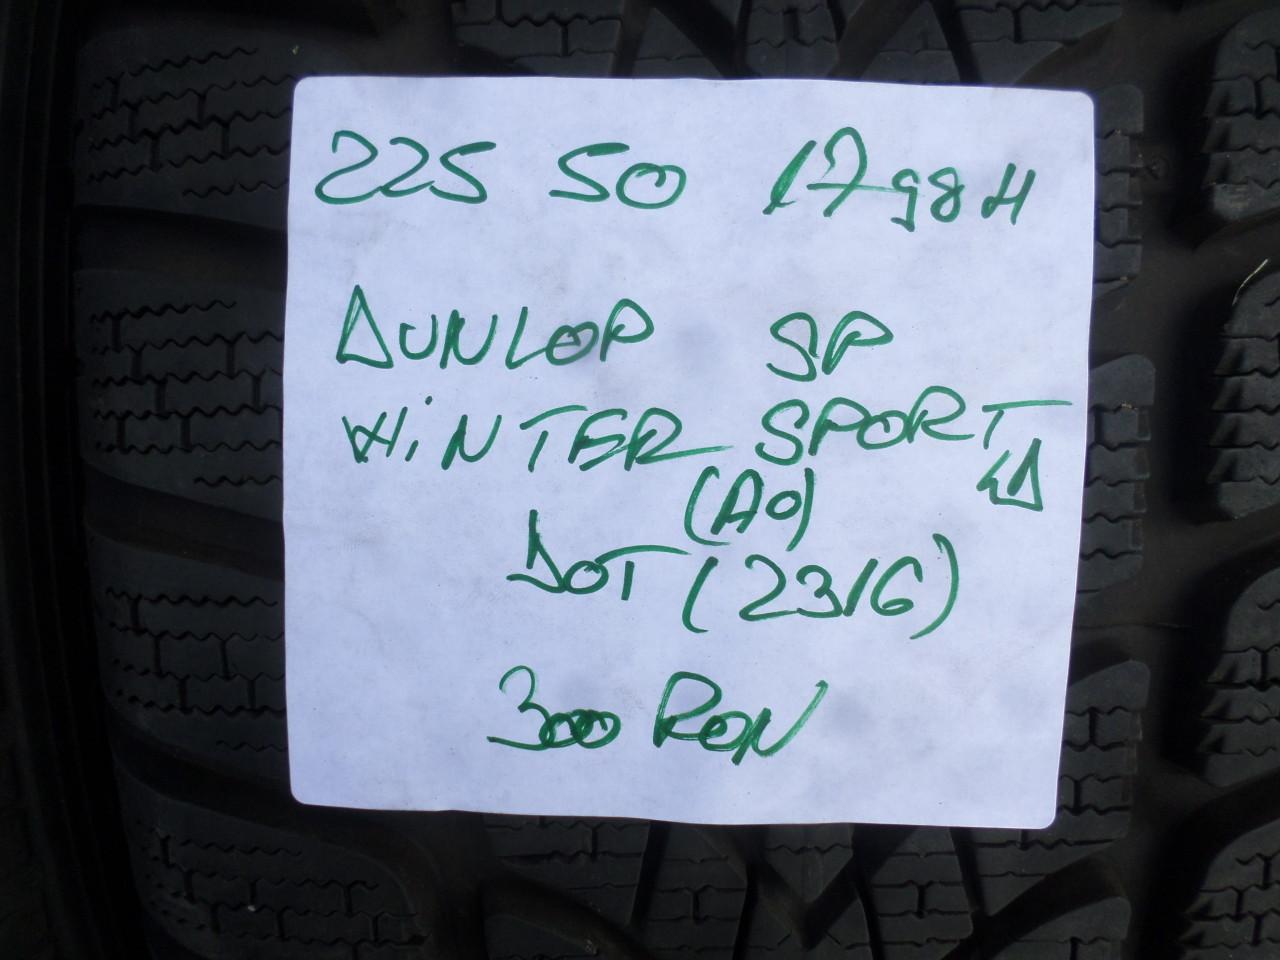 Jante Audi A4 B9 225 50 17 Iarna Dunlop SP Winter Sport 4D DOT (2316)